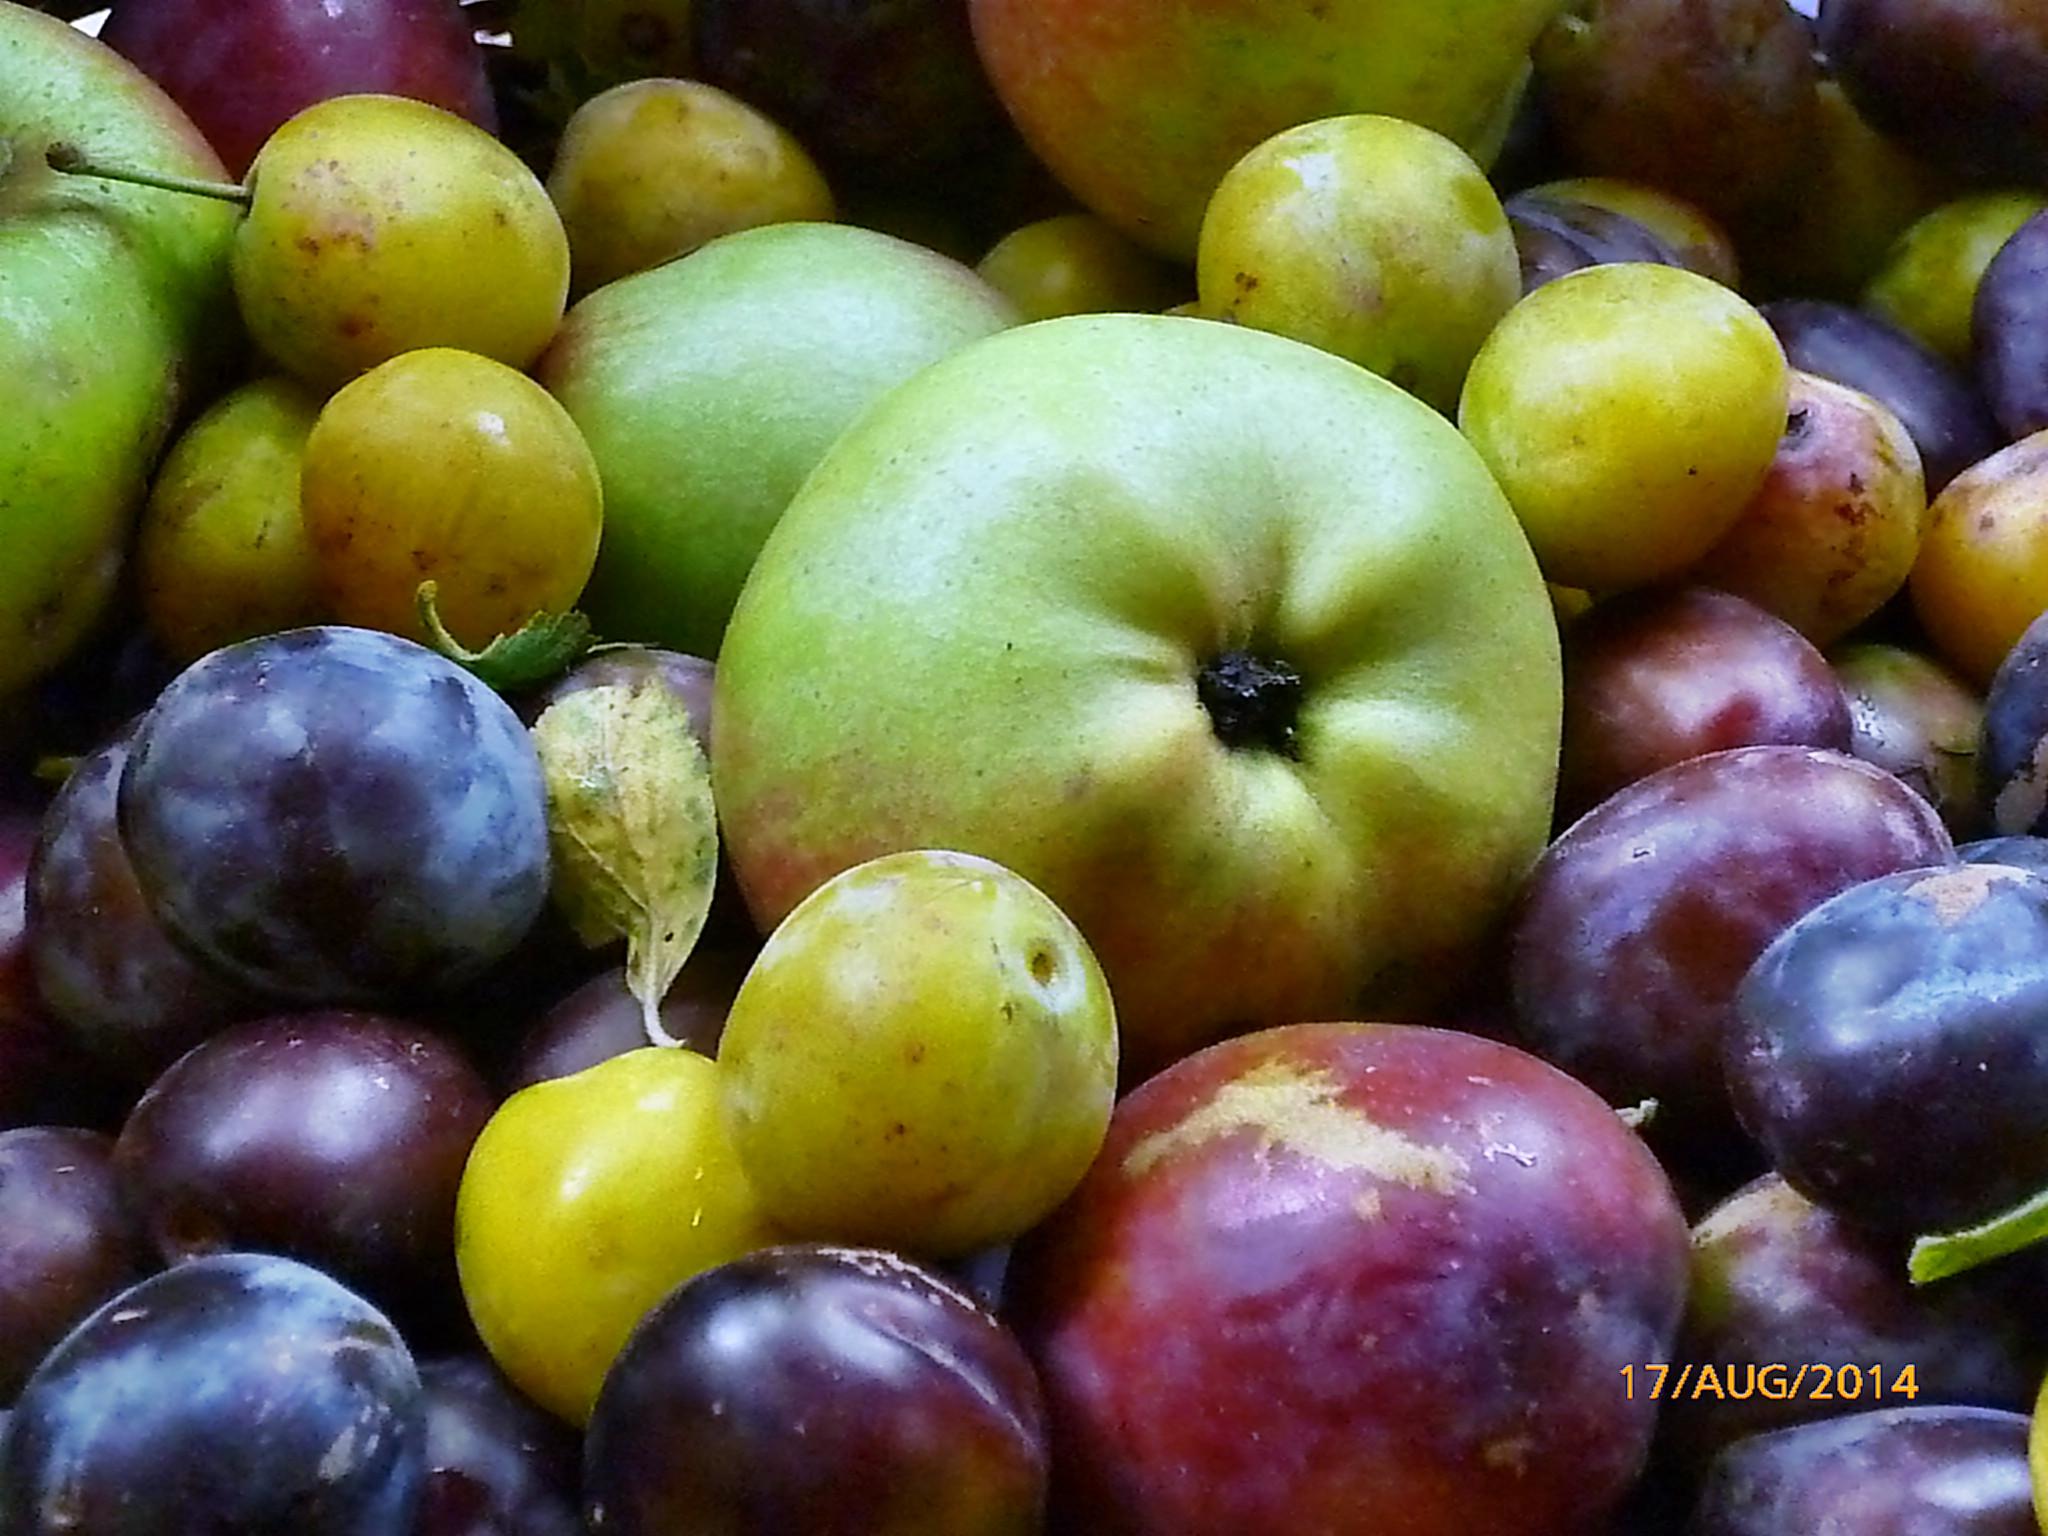 Obst vom Wegesrand-17.8.14   (23)